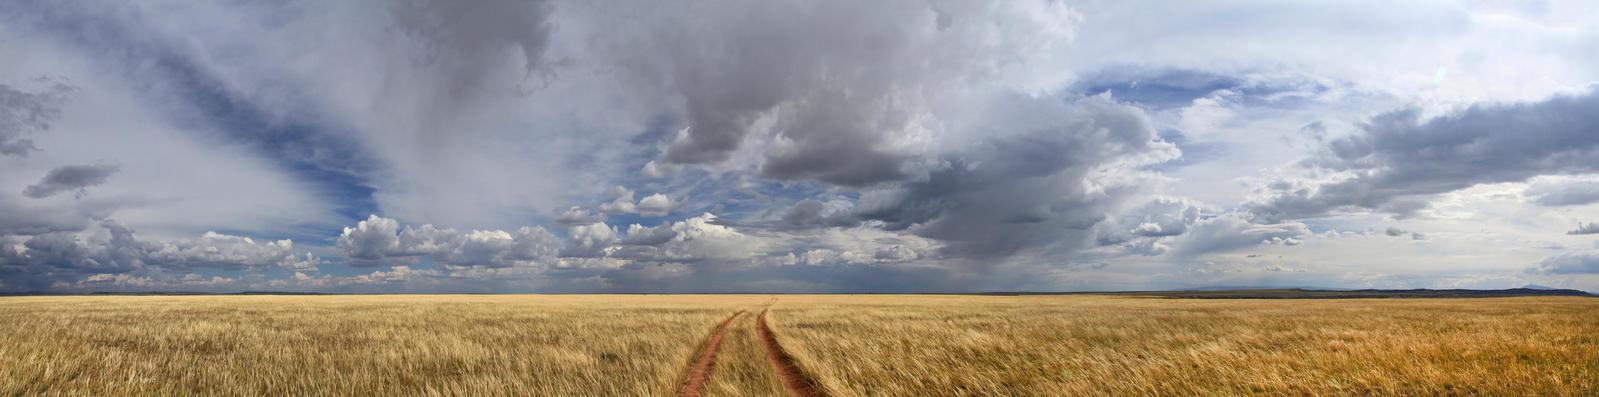 endless road by eDDie-TK